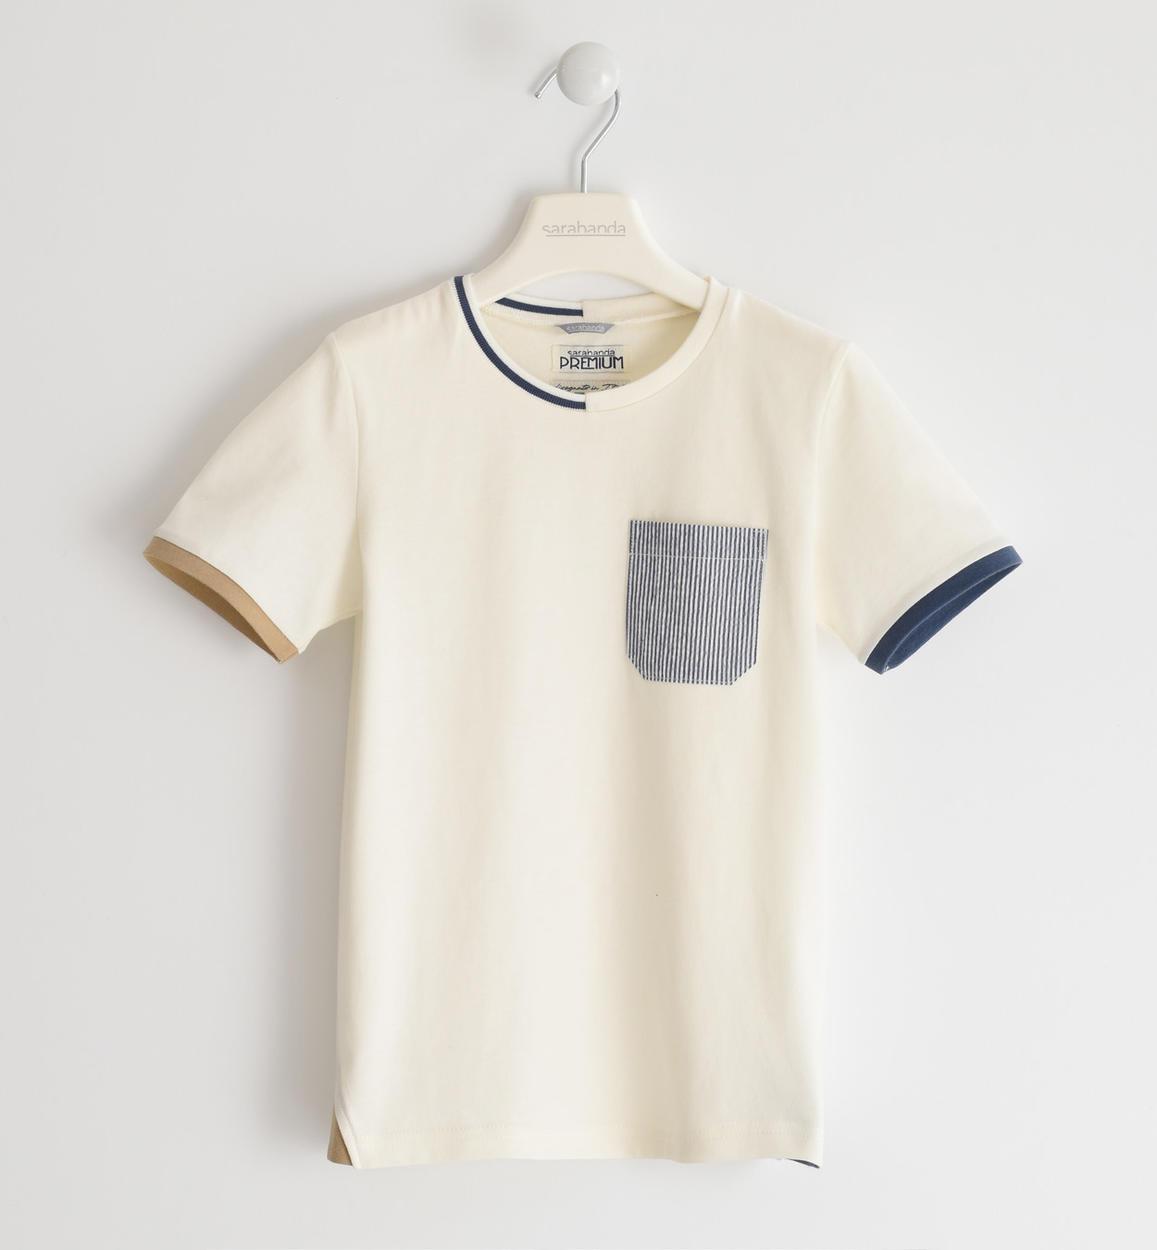 Sarabanda krém színú csíkos zsebes pamut póló